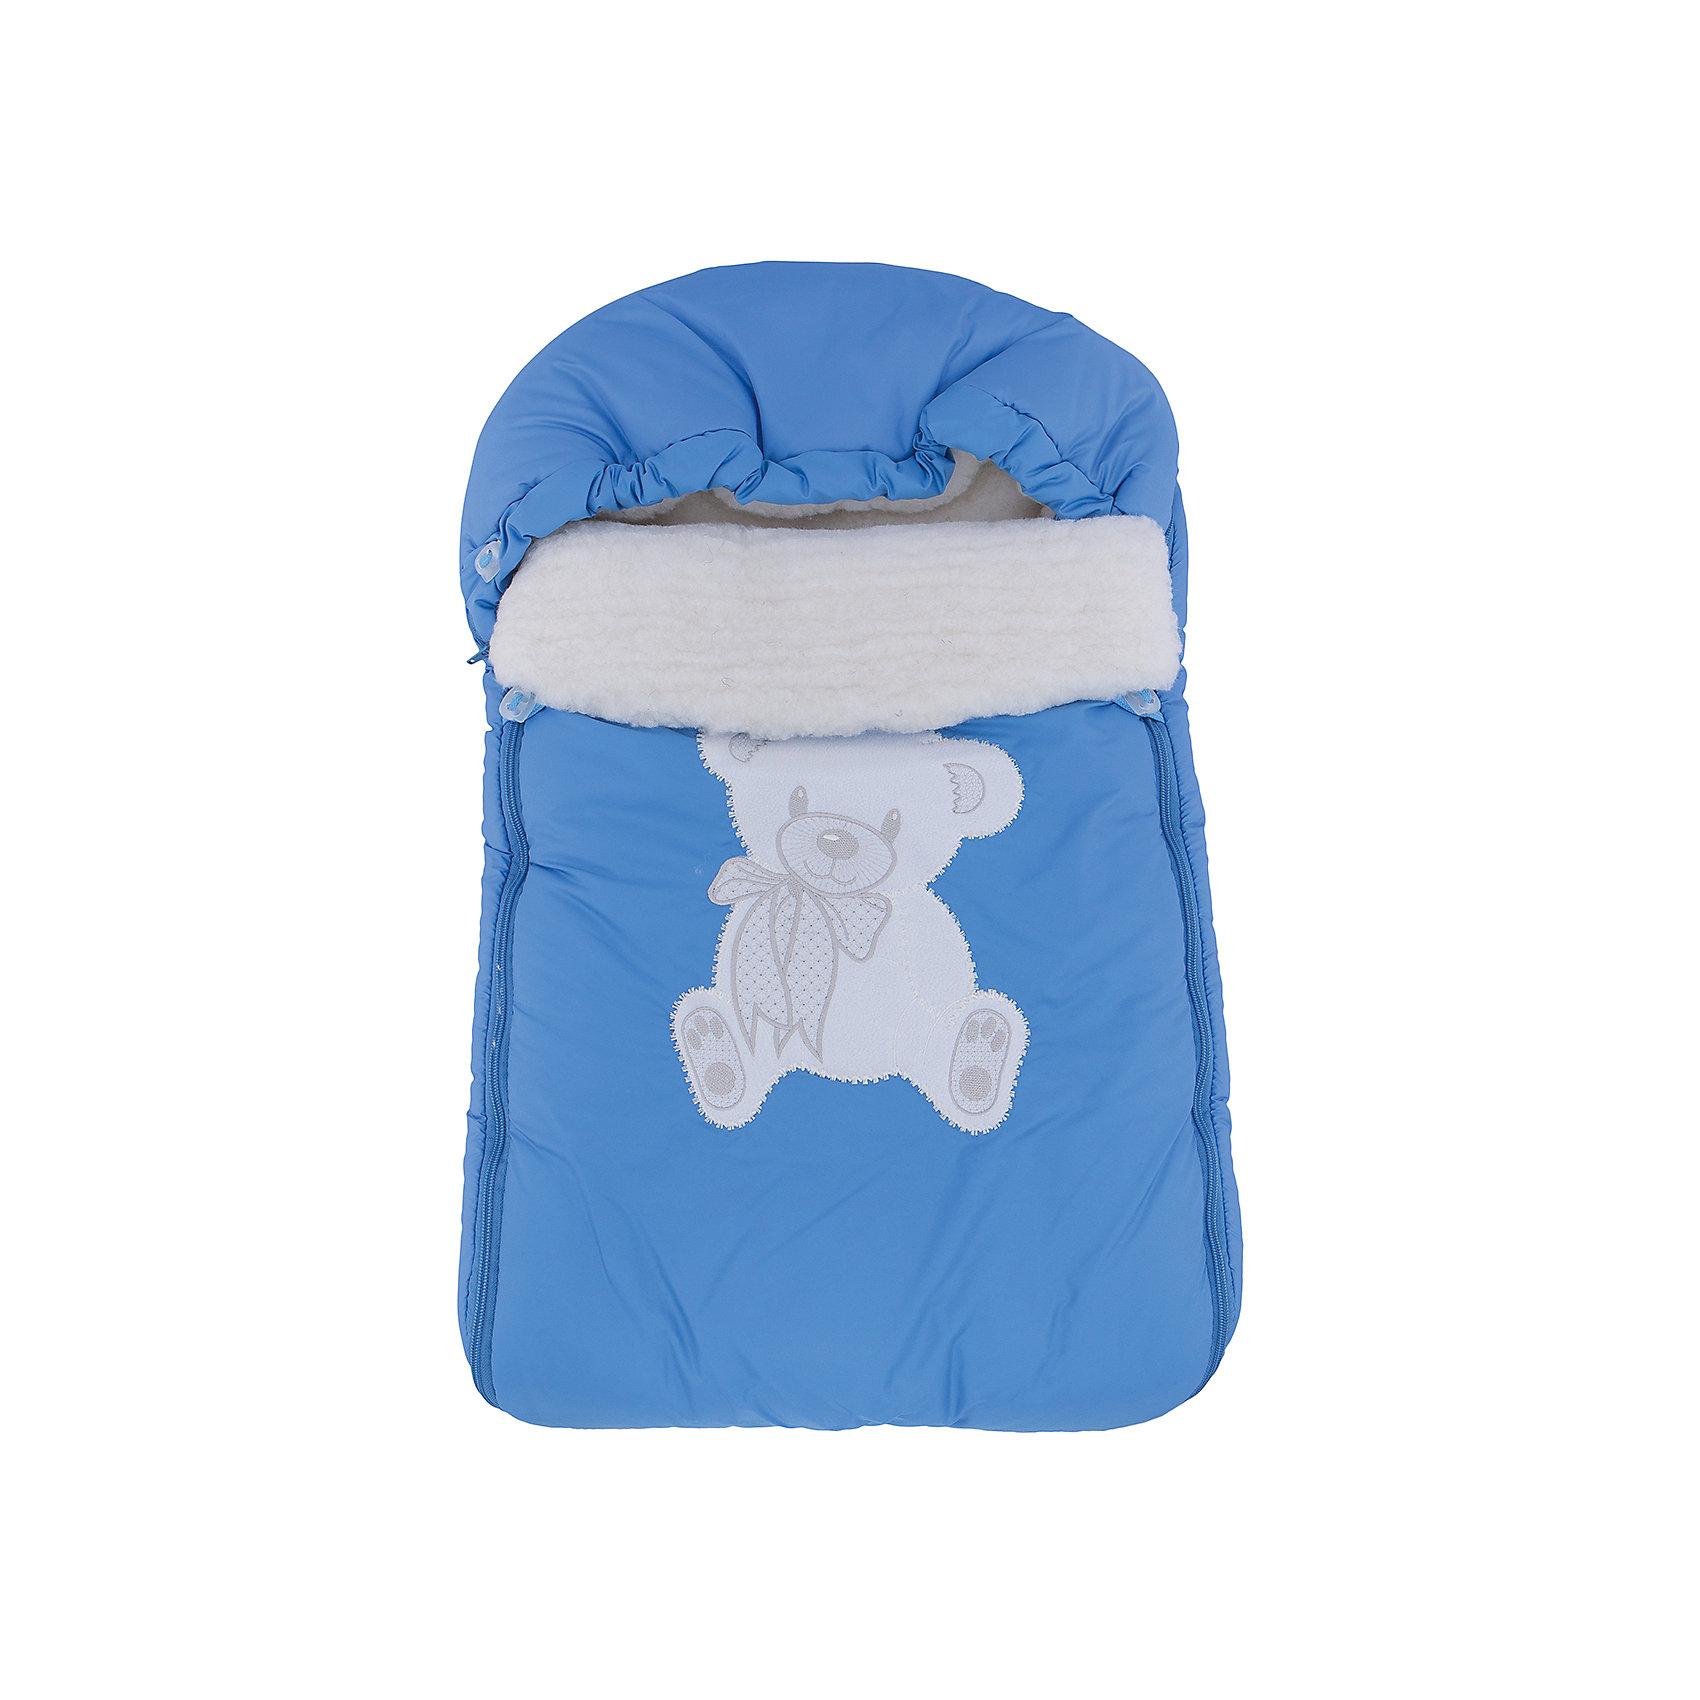 Конверт на овчине с аппликацией Медведь, Leader Kids, голубойОригинальный конверт - прекрасный вариант для холодной погоды. Конверт выполнен из непромокаемой ткани, на меховой подкладке - очень уютные и теплый. Модель застегивается на молнию, имеет удобный просторный капюшон, нижняя часть  отстегивается – таким образом можно легко регулировать длину конверта. <br><br>Дополнительная информация:<br><br>- Материал: утеплитель - синтепон; подкладка - шерсть; наружный материал - полиэстер.<br>- Размер: 80х45 см.<br>- Сезон: осень, зима.<br>- Тип застежки: молния.<br>- Декоративные элементы: аппликация. <br>- Цвет: голубой. <br><br>Конверт на овчине Медведь, Leader Kids, синий, можно купить в нашем магазине.<br><br>Ширина мм: 50<br>Глубина мм: 250<br>Высота мм: 400<br>Вес г: 500<br>Цвет: голубой<br>Возраст от месяцев: 0<br>Возраст до месяцев: 6<br>Пол: Мужской<br>Возраст: Детский<br>SKU: 4217309